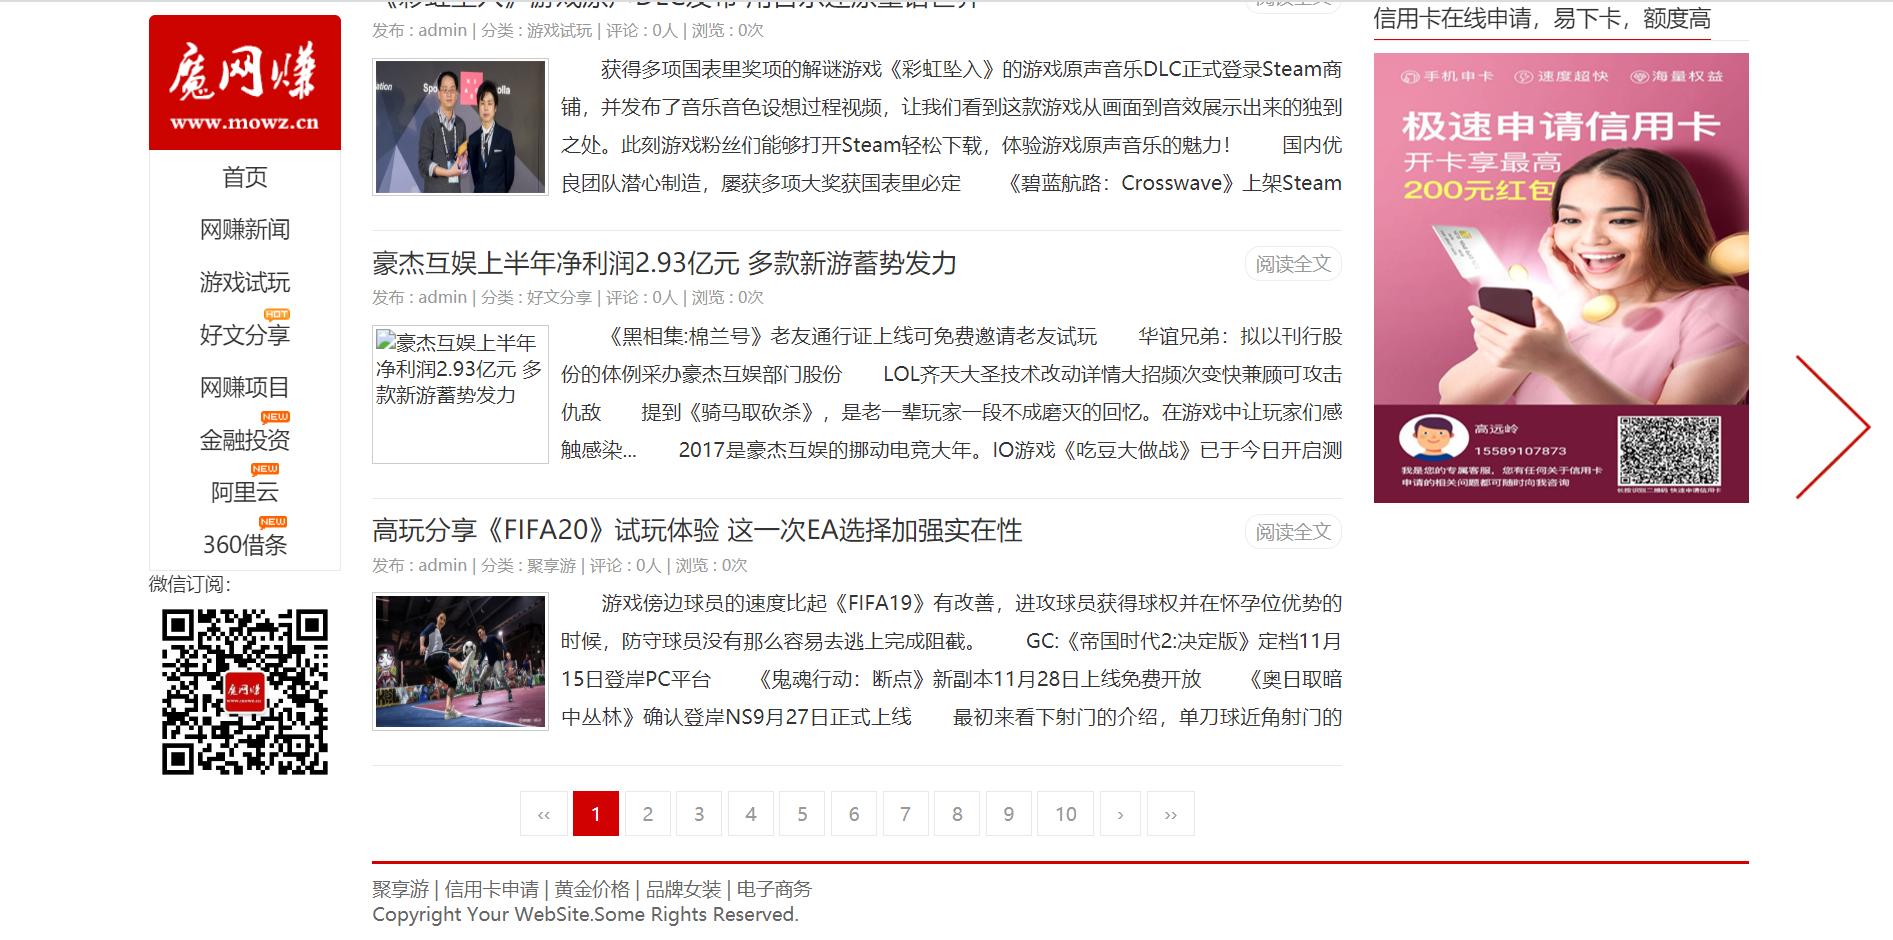 仿卢松松博客Z-BlogPHP主题模板源码下载